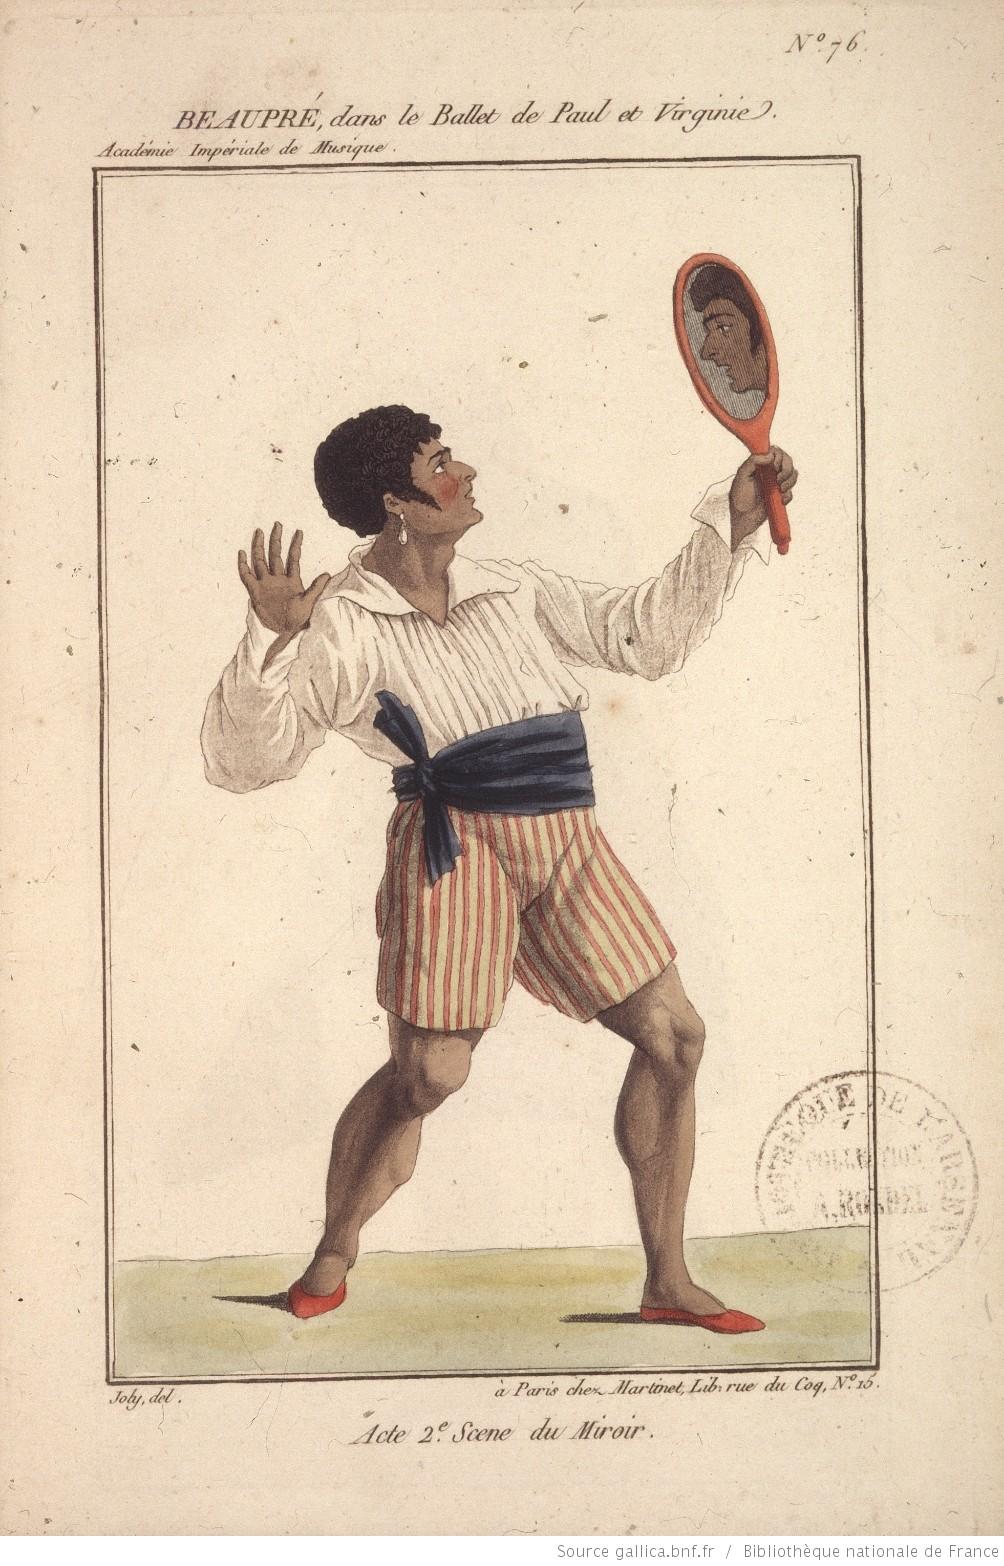 DOMINGO 1806 Martinet